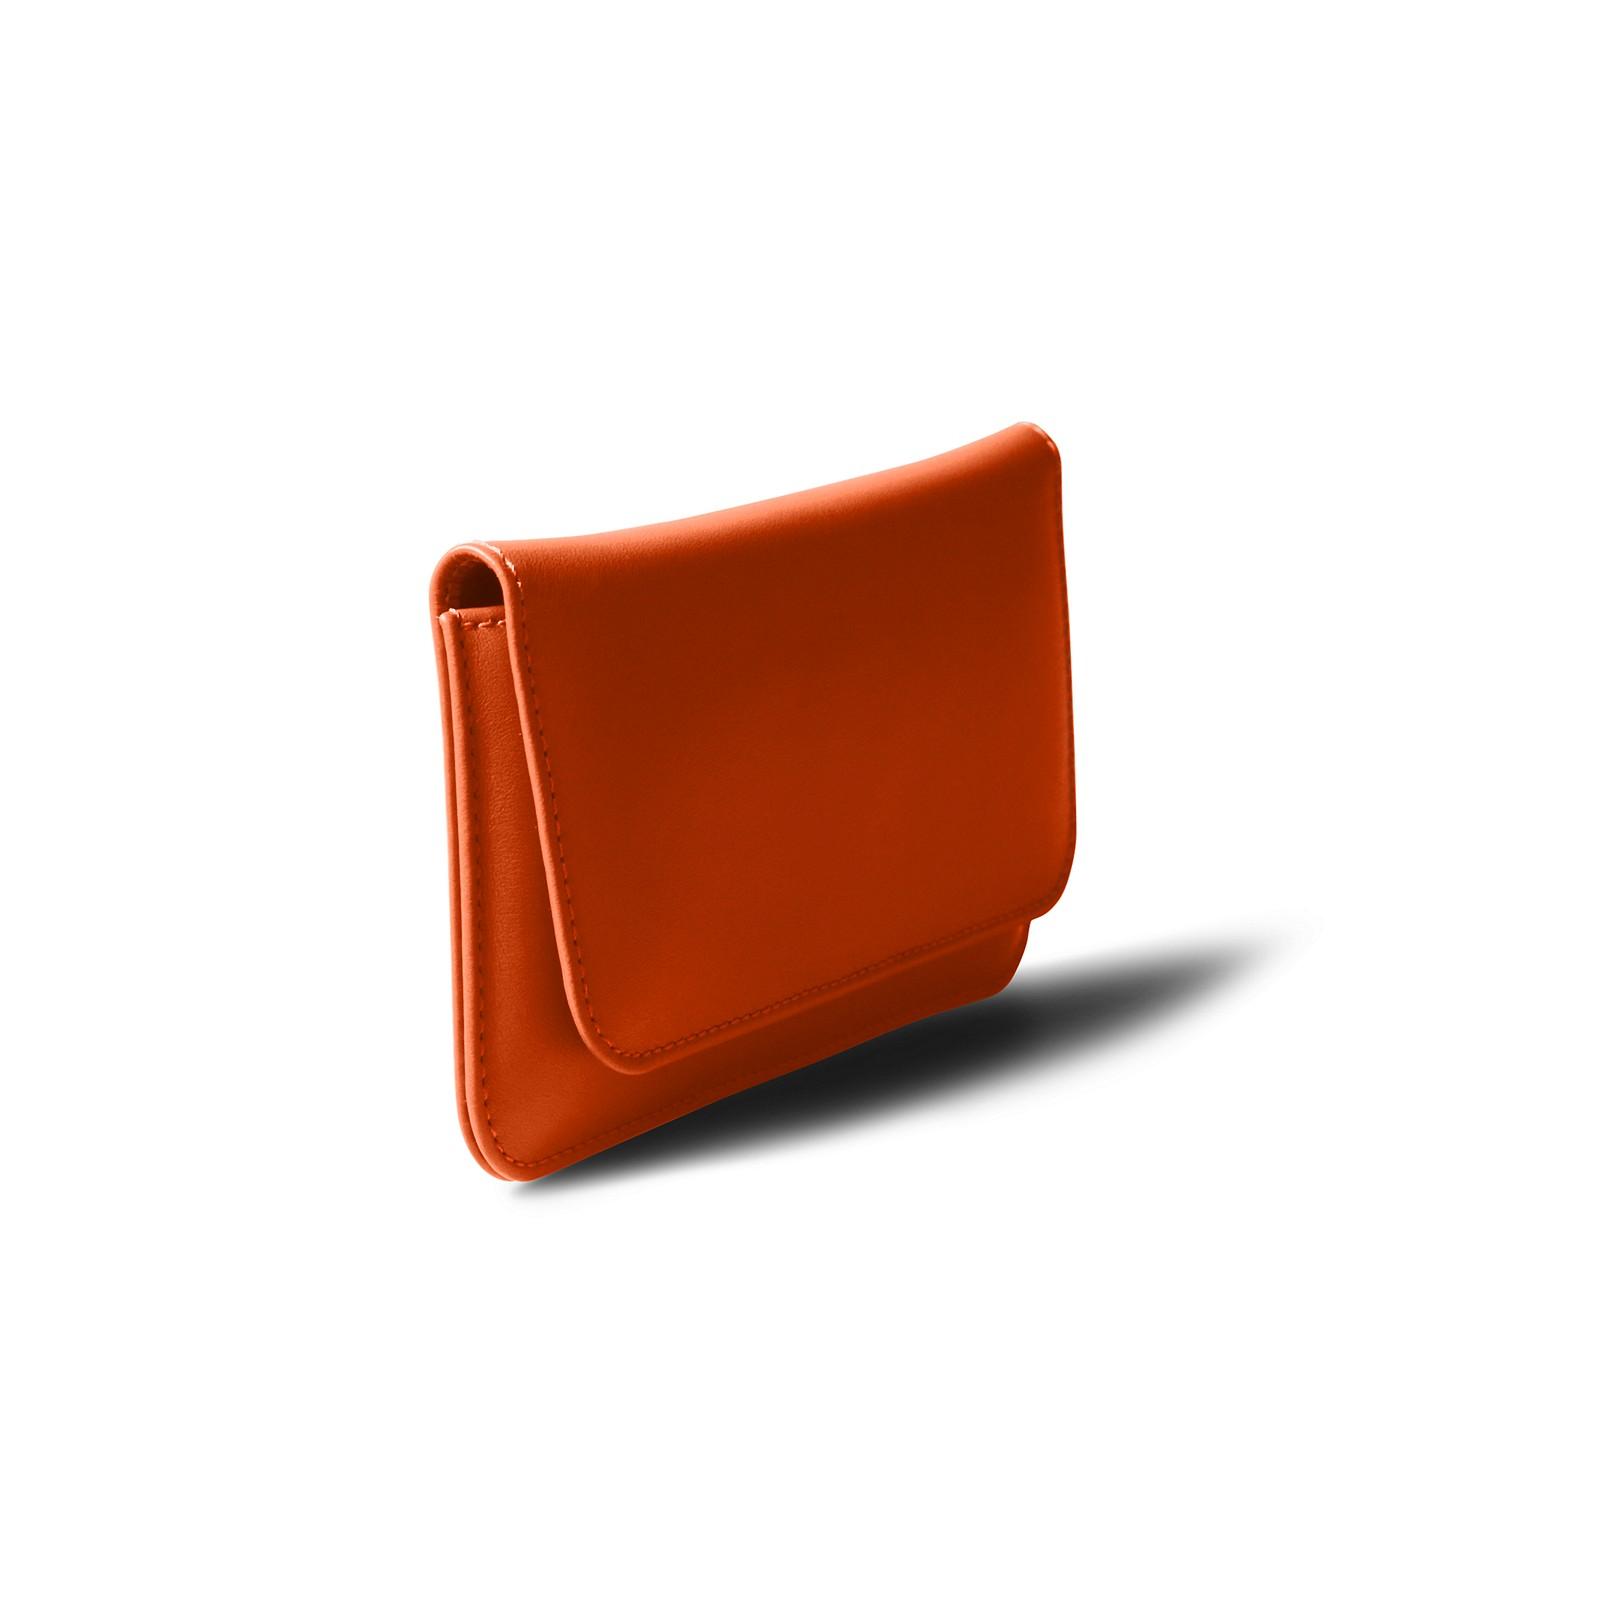 43a90e6818 Custodia da cintura per iPhone X Arancione - Pelle Liscia Custodia da  cintura per iPhone X Arancione - Pelle Liscia 